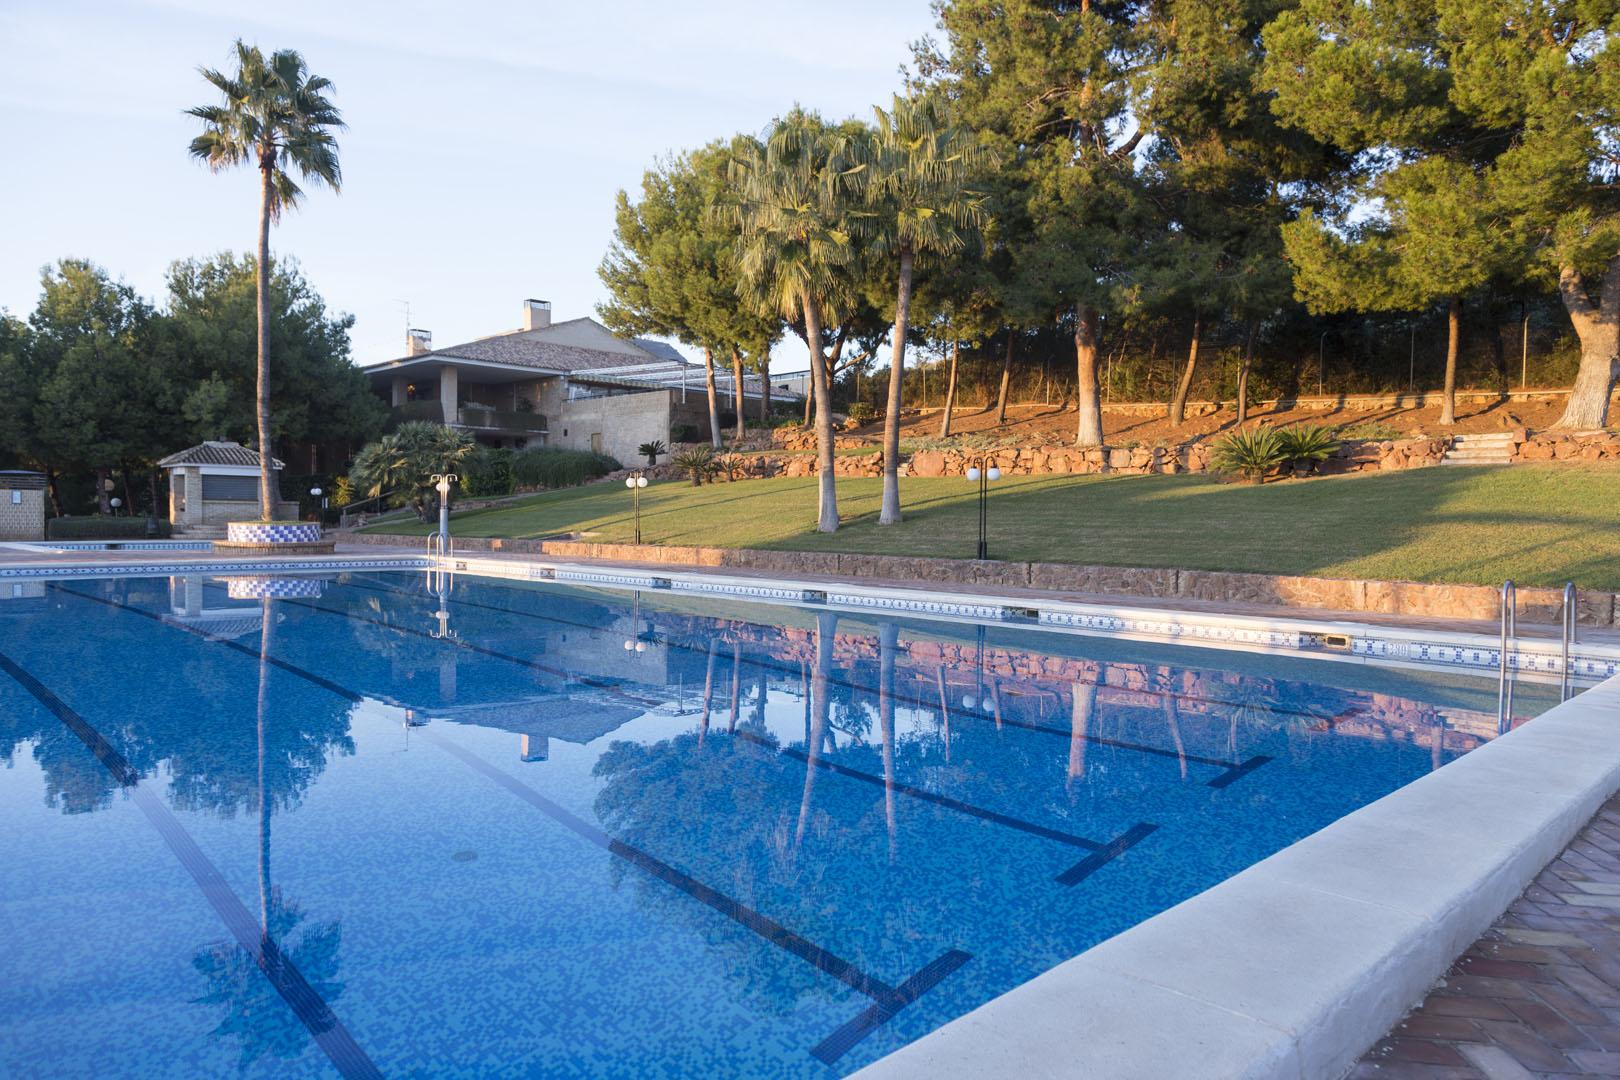 Club Social Alfinach<br>Apertura piscinas